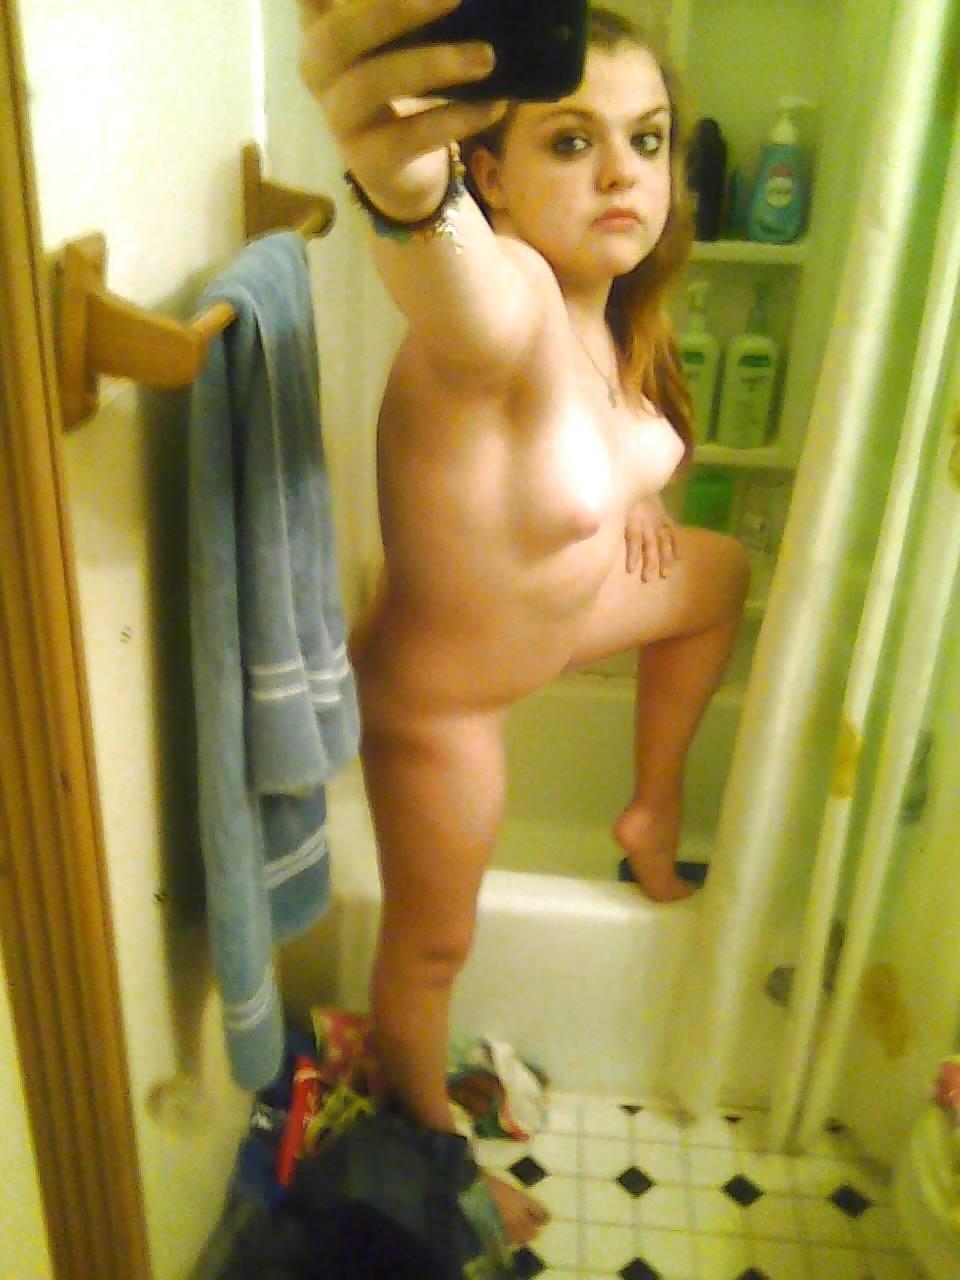 High school teen nude selfie-1053